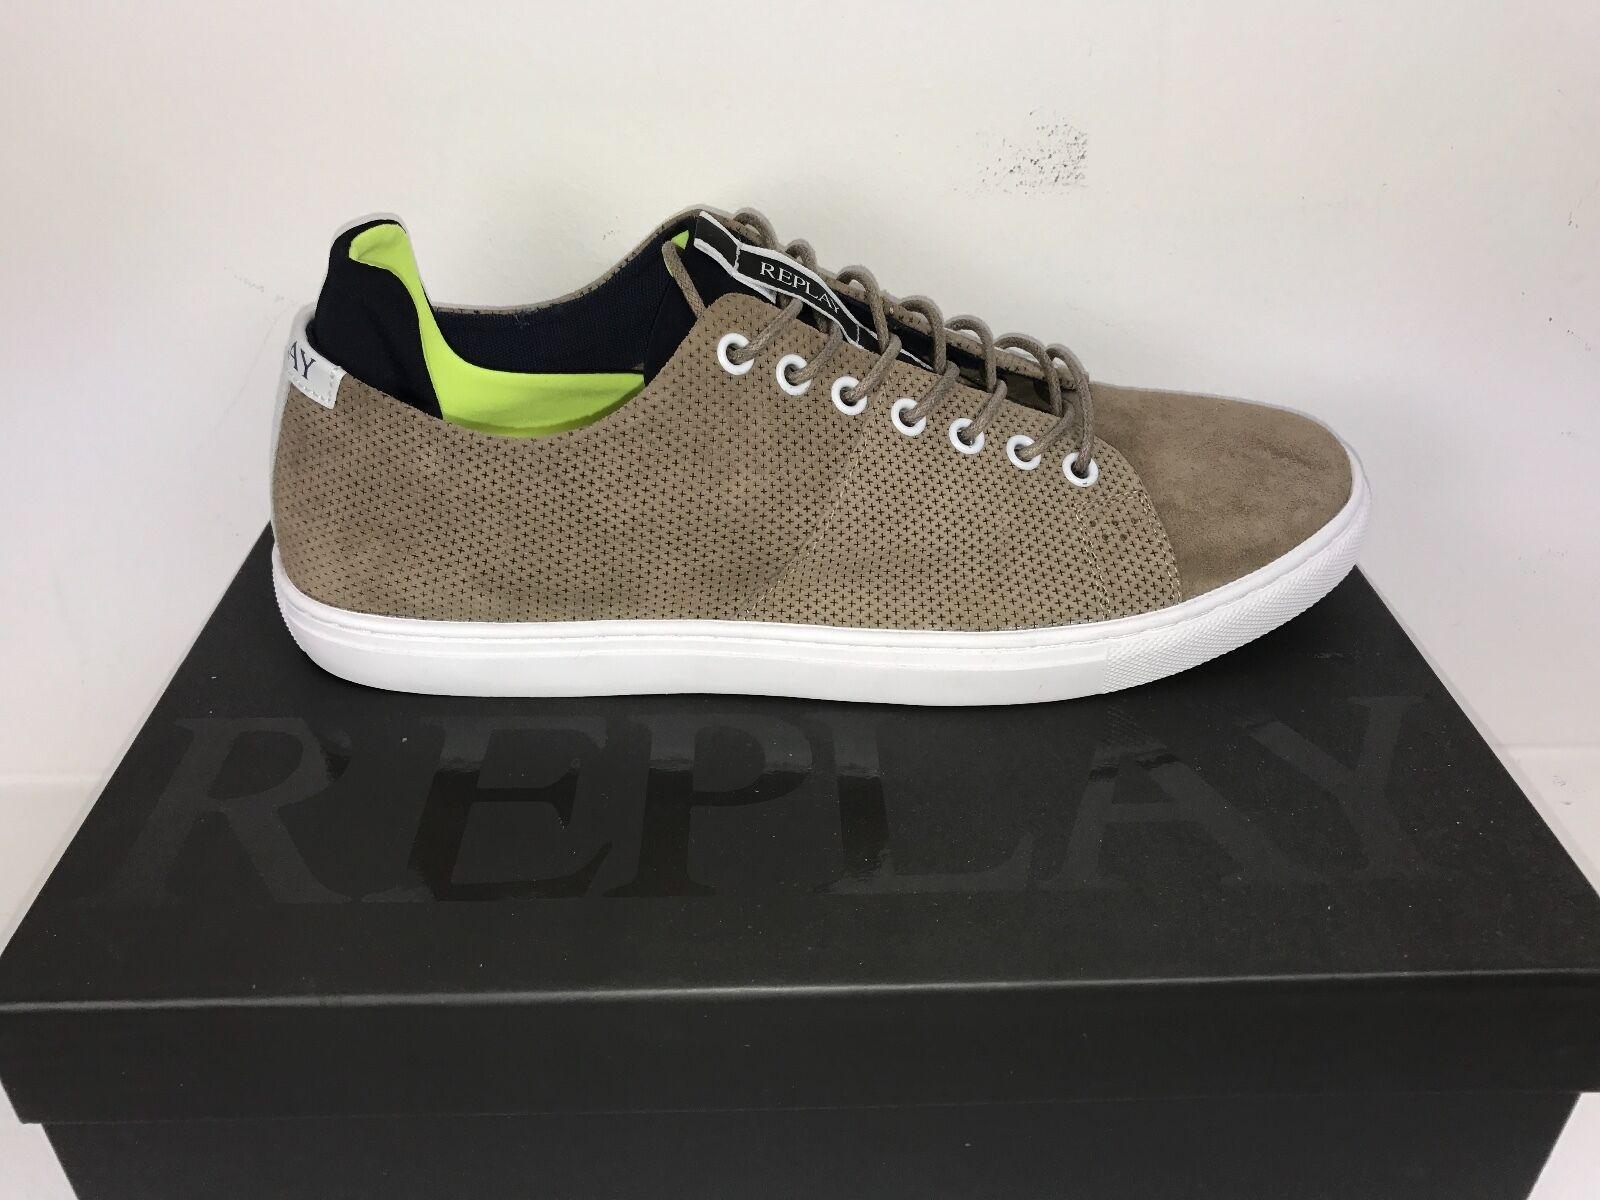 Coole Herren Sneaker REPLAY Dunedin hellbraun Gr. 42 Restposten  *NEU* 130 €